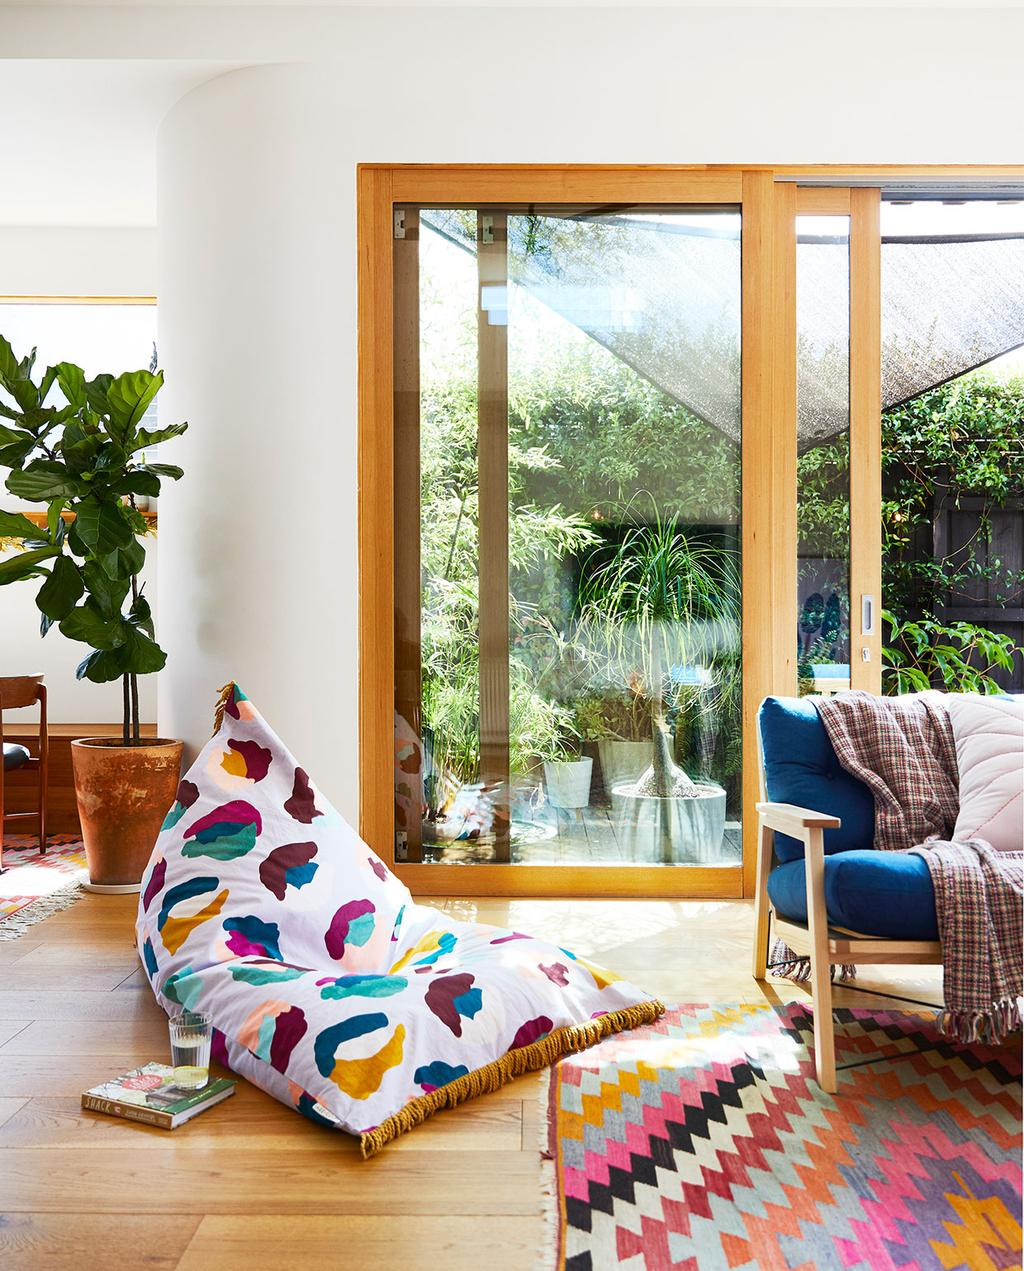 vtwonen binnenkijk special zomerhuizen 07-2021 | zitzak met stippen in de woonkamer, met openstaande tuindeuren en een gekleurd sisal vloerkleed